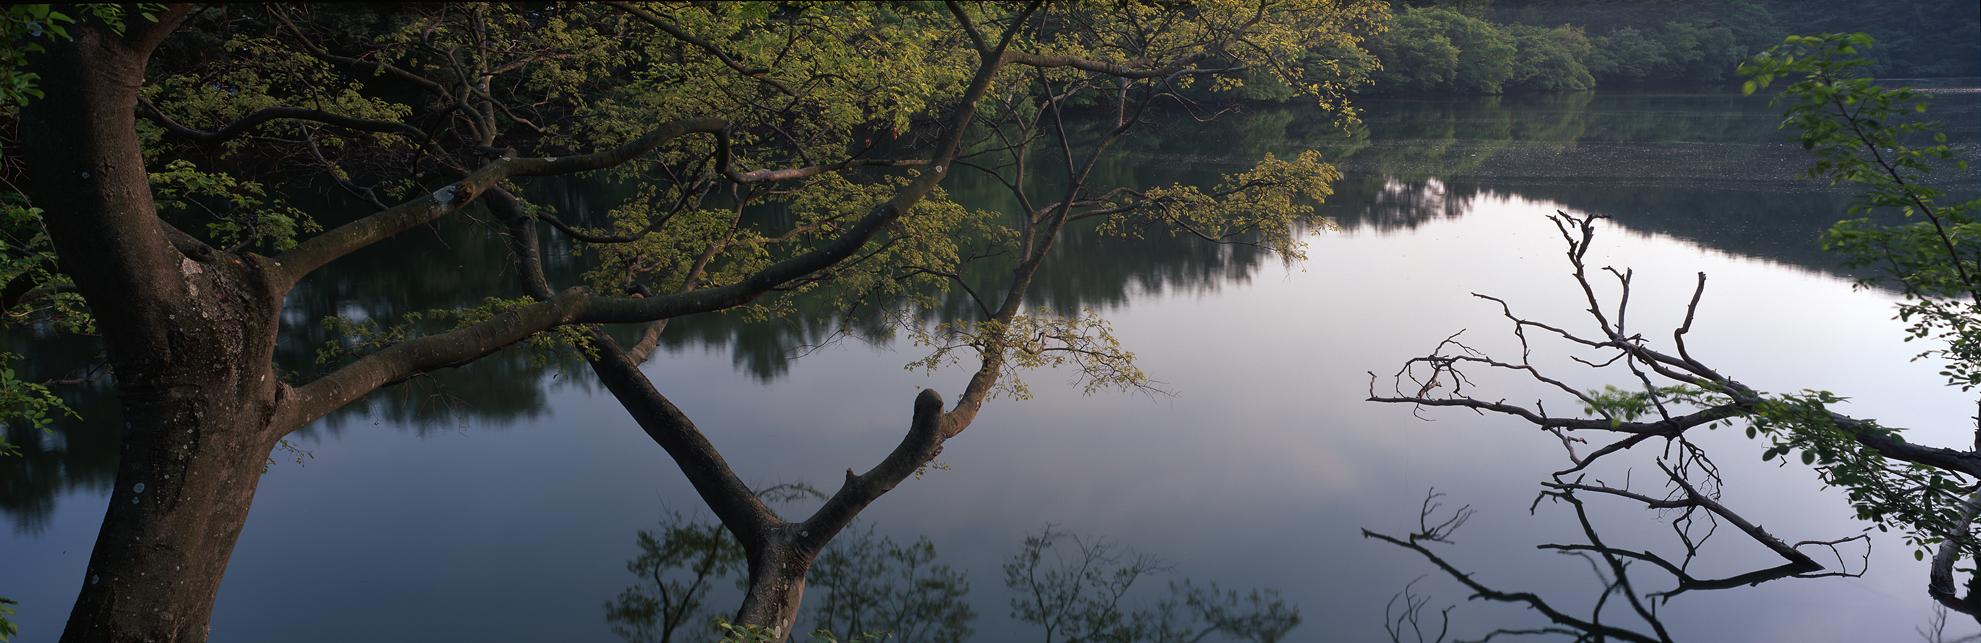 wiryangji003.jpg